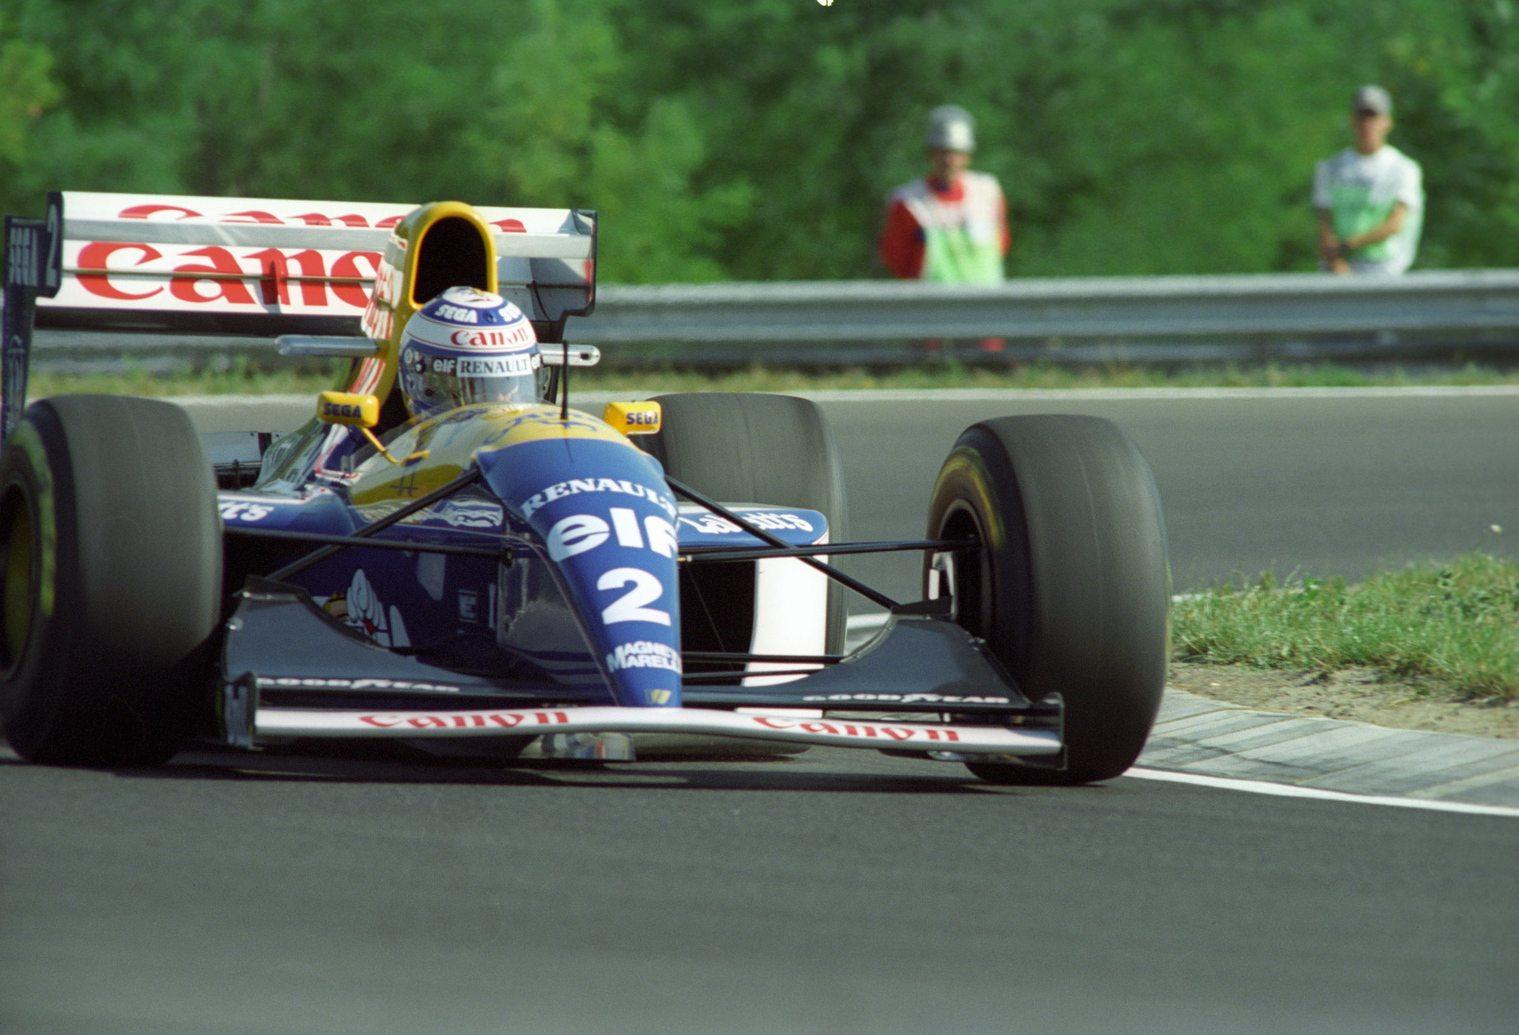 Alain Prost az utolsó aktív felfüggesztéses Williamsszel az 1993-as Magyar Nagydíjon (Fotó: MTI/Németh Ferenc)